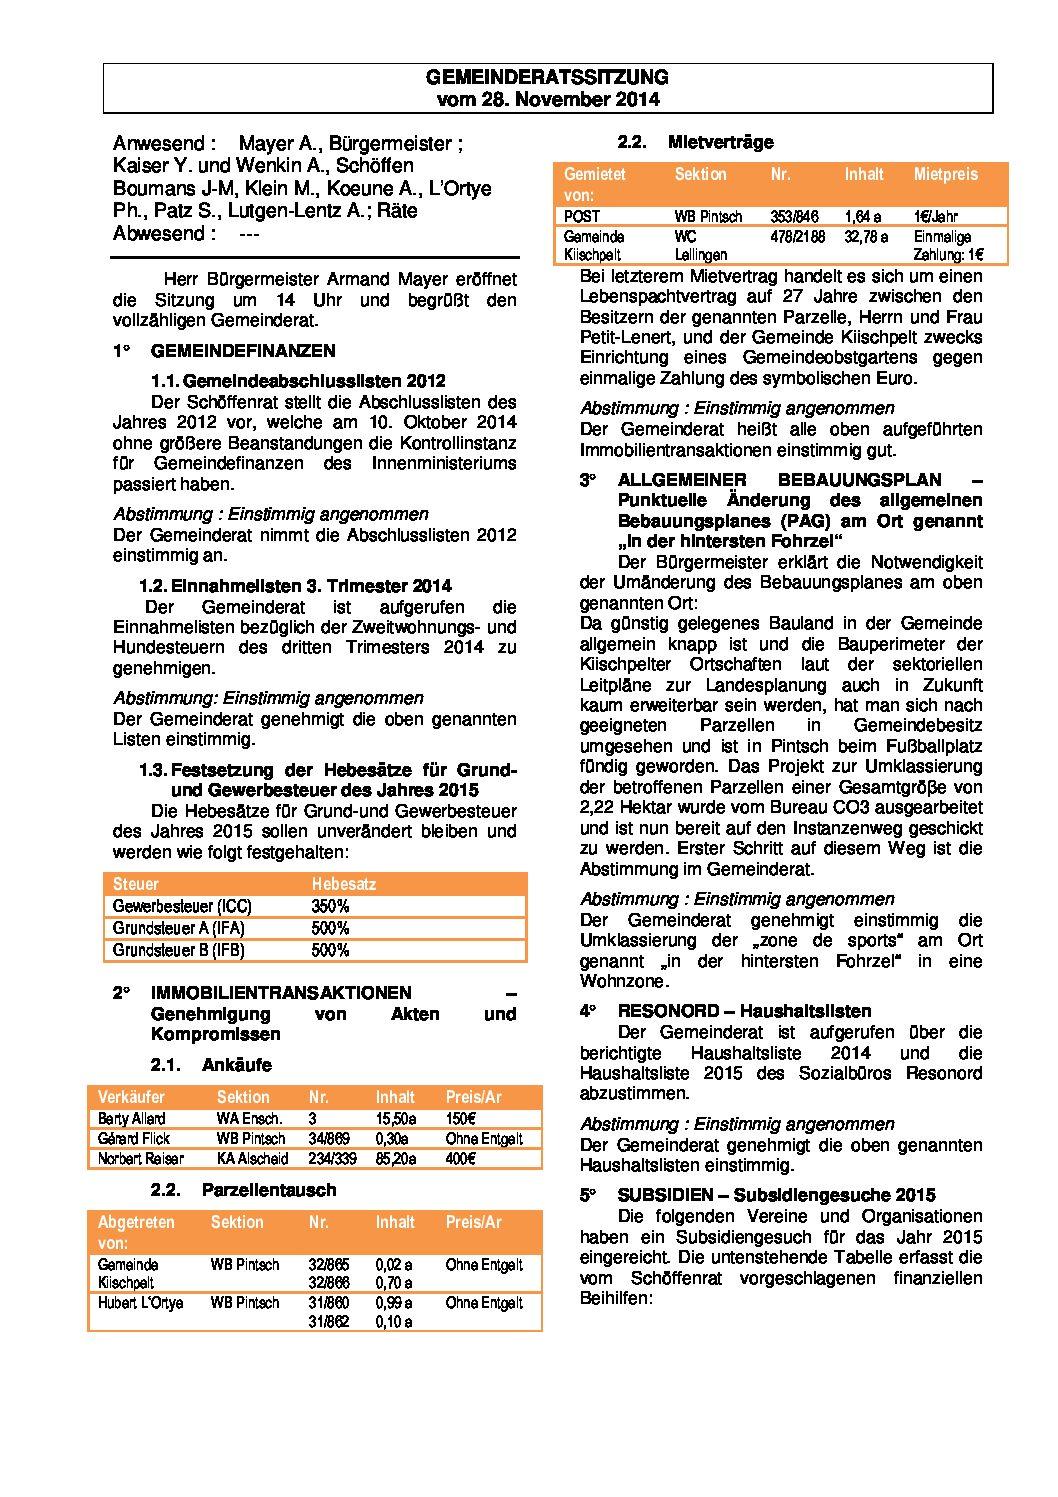 Gemeinderats Bericht vom 28.11.2014